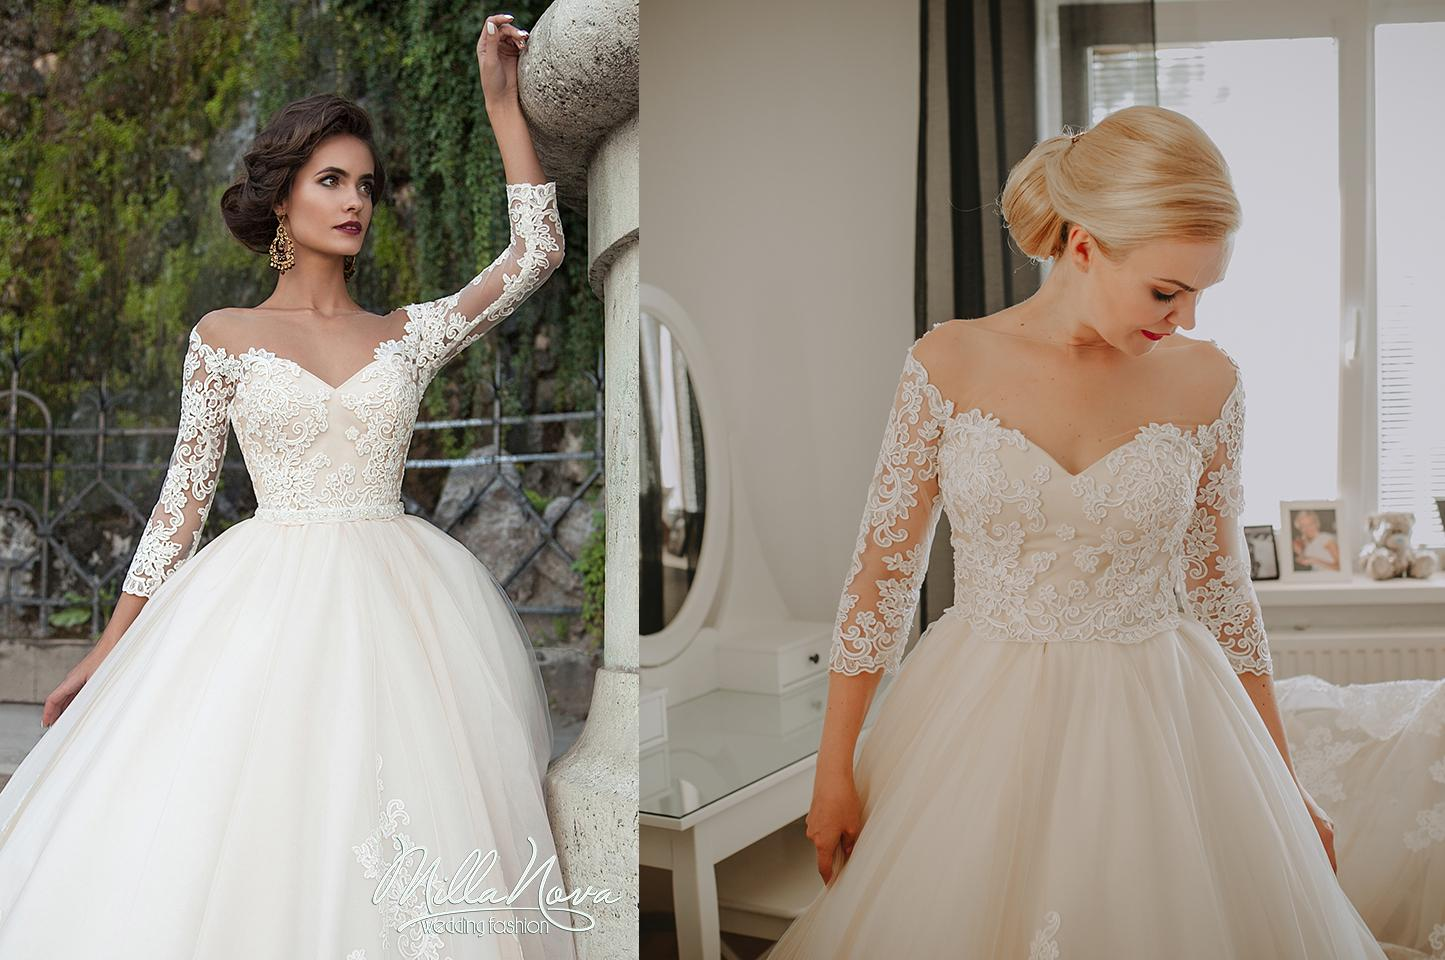 Svadobné šaty na modelke a na reálnej neveste - Nevesta @viky91 a jej svadobné šaty Milla Nova, model Diona zo salónu Wedding Avenue.